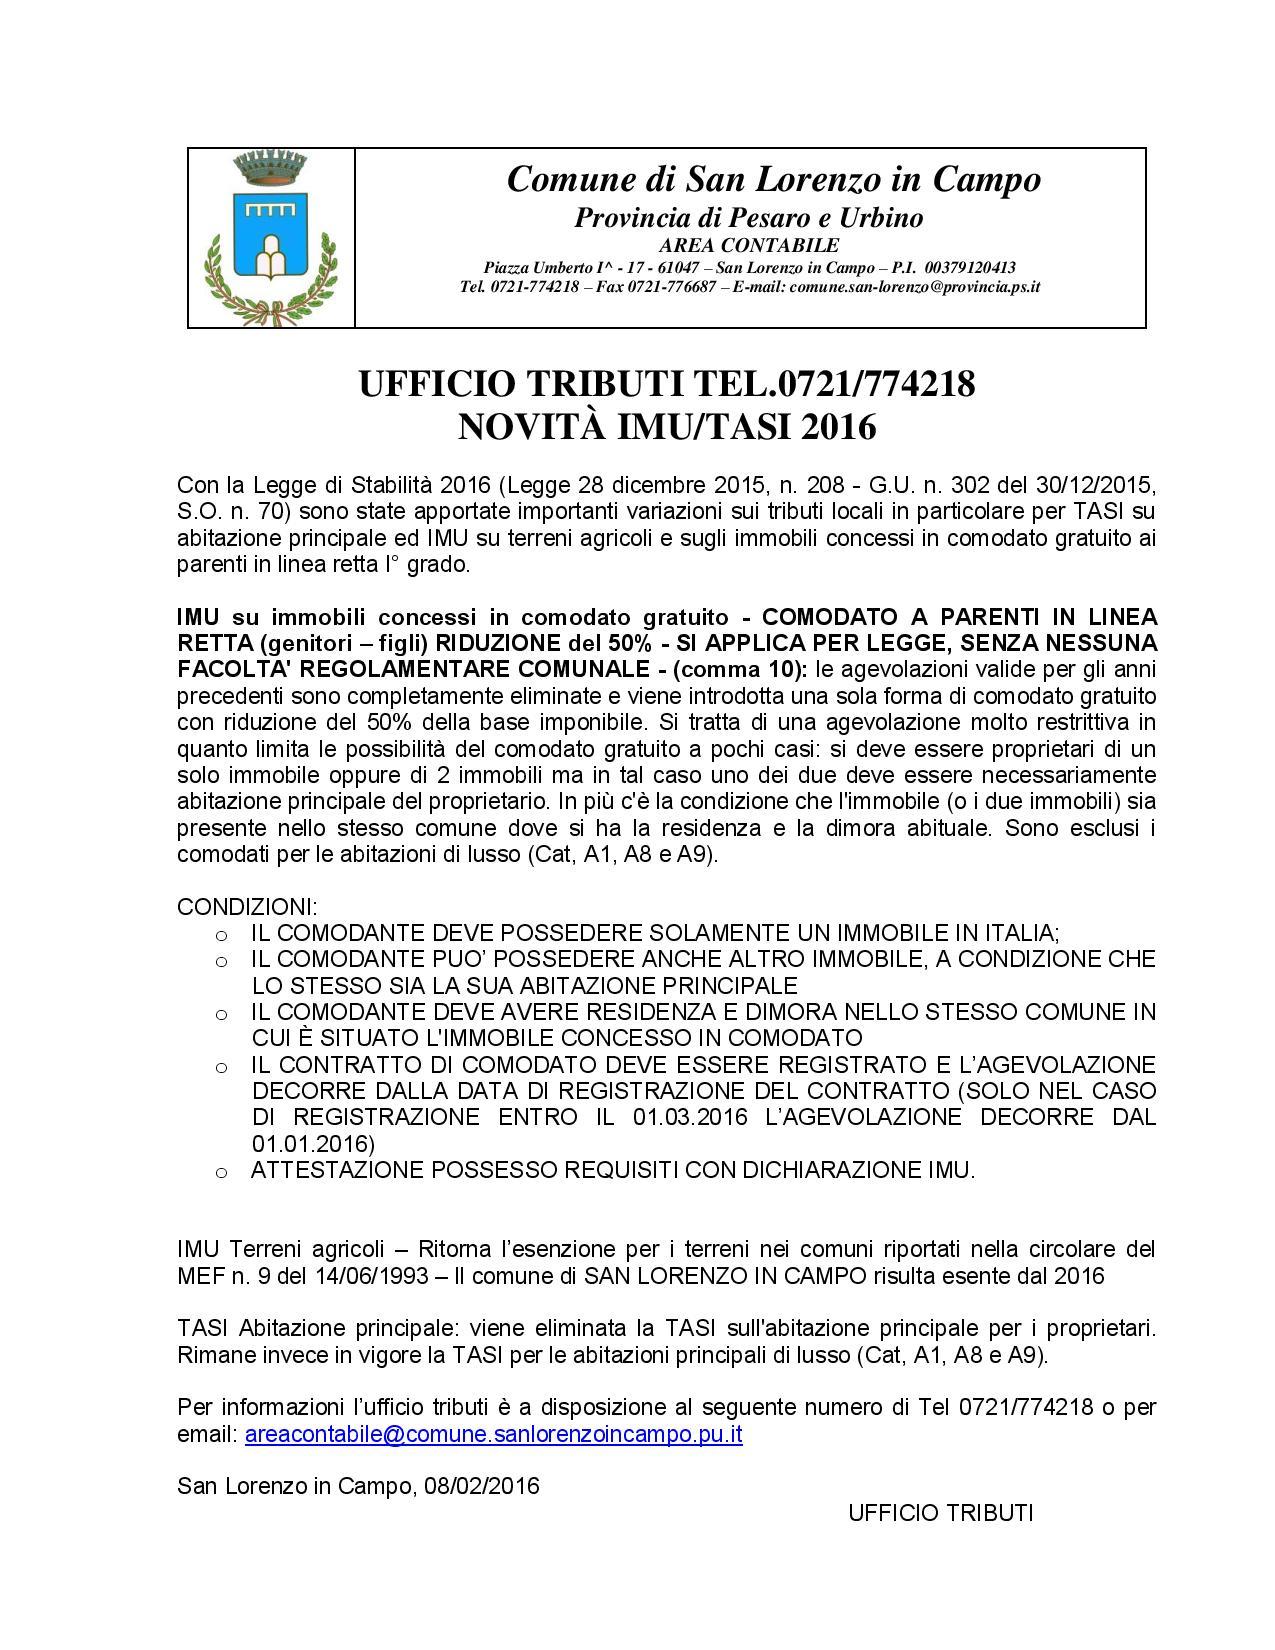 Novit imu tasi 2016 comune di san lorenzo in campo for Comodato gratuito imu